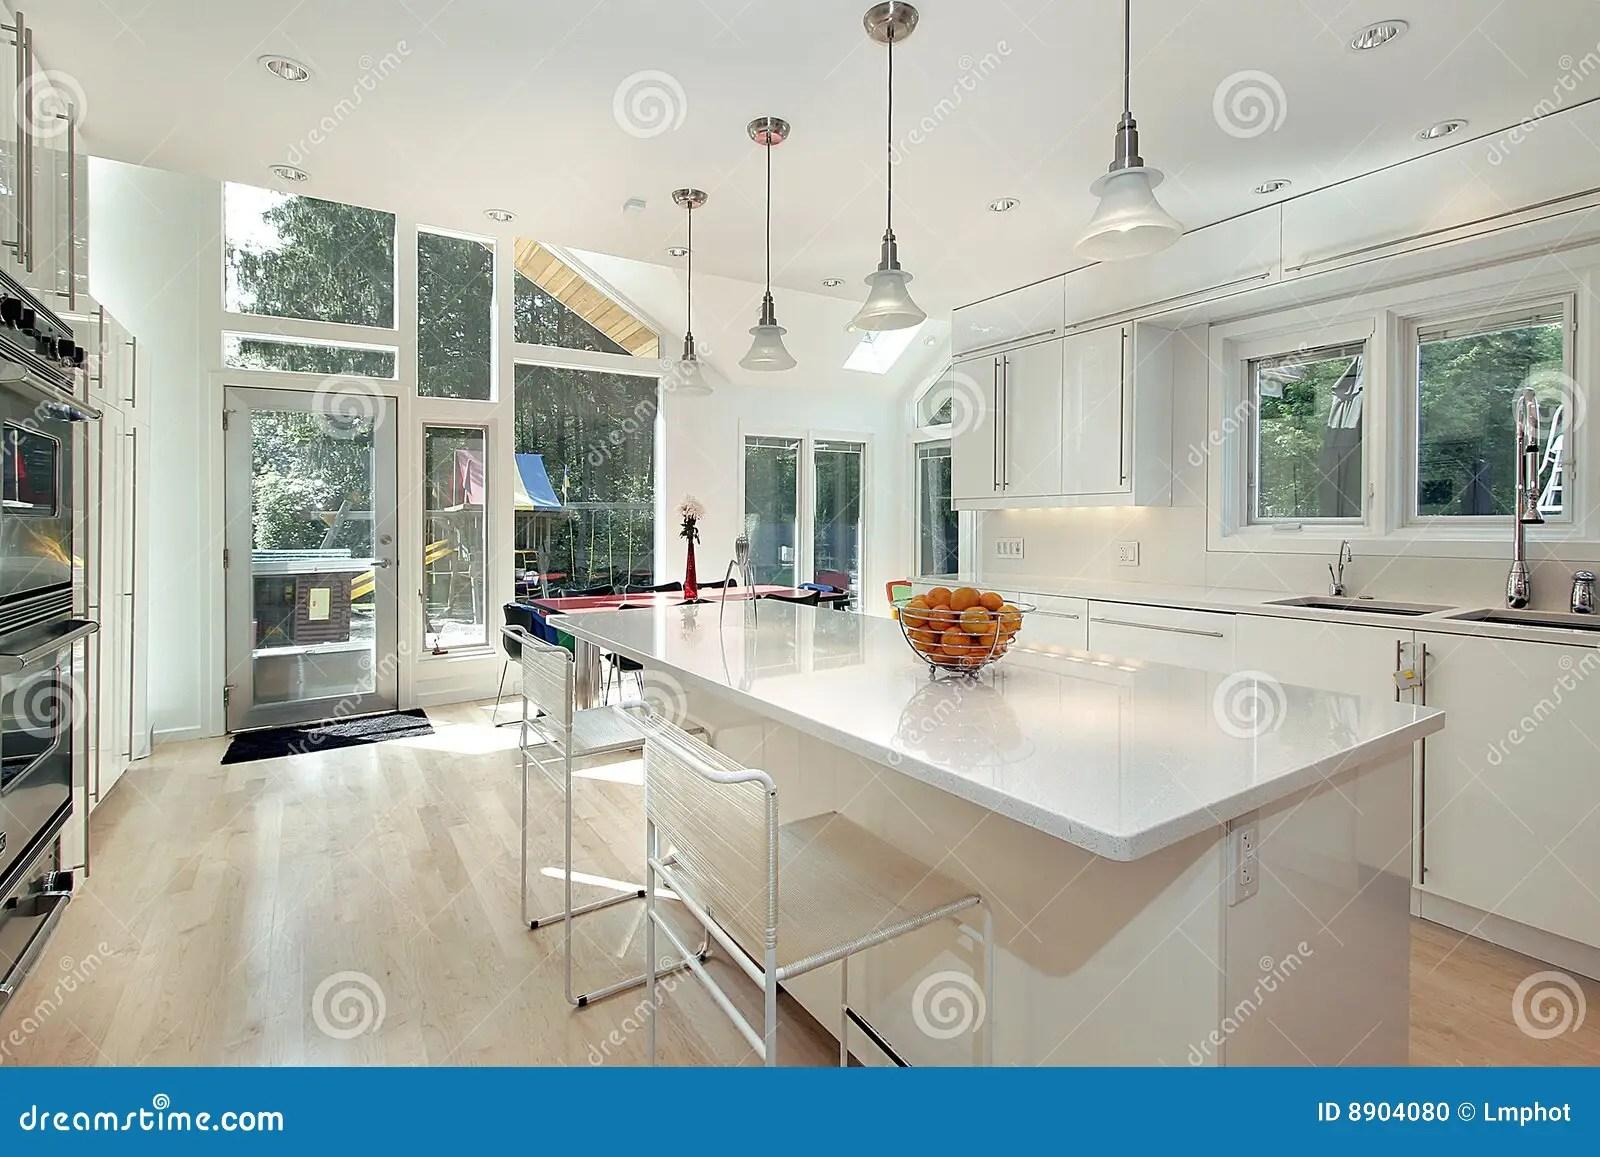 Cucina bianca lucida fotografia stock Immagine di